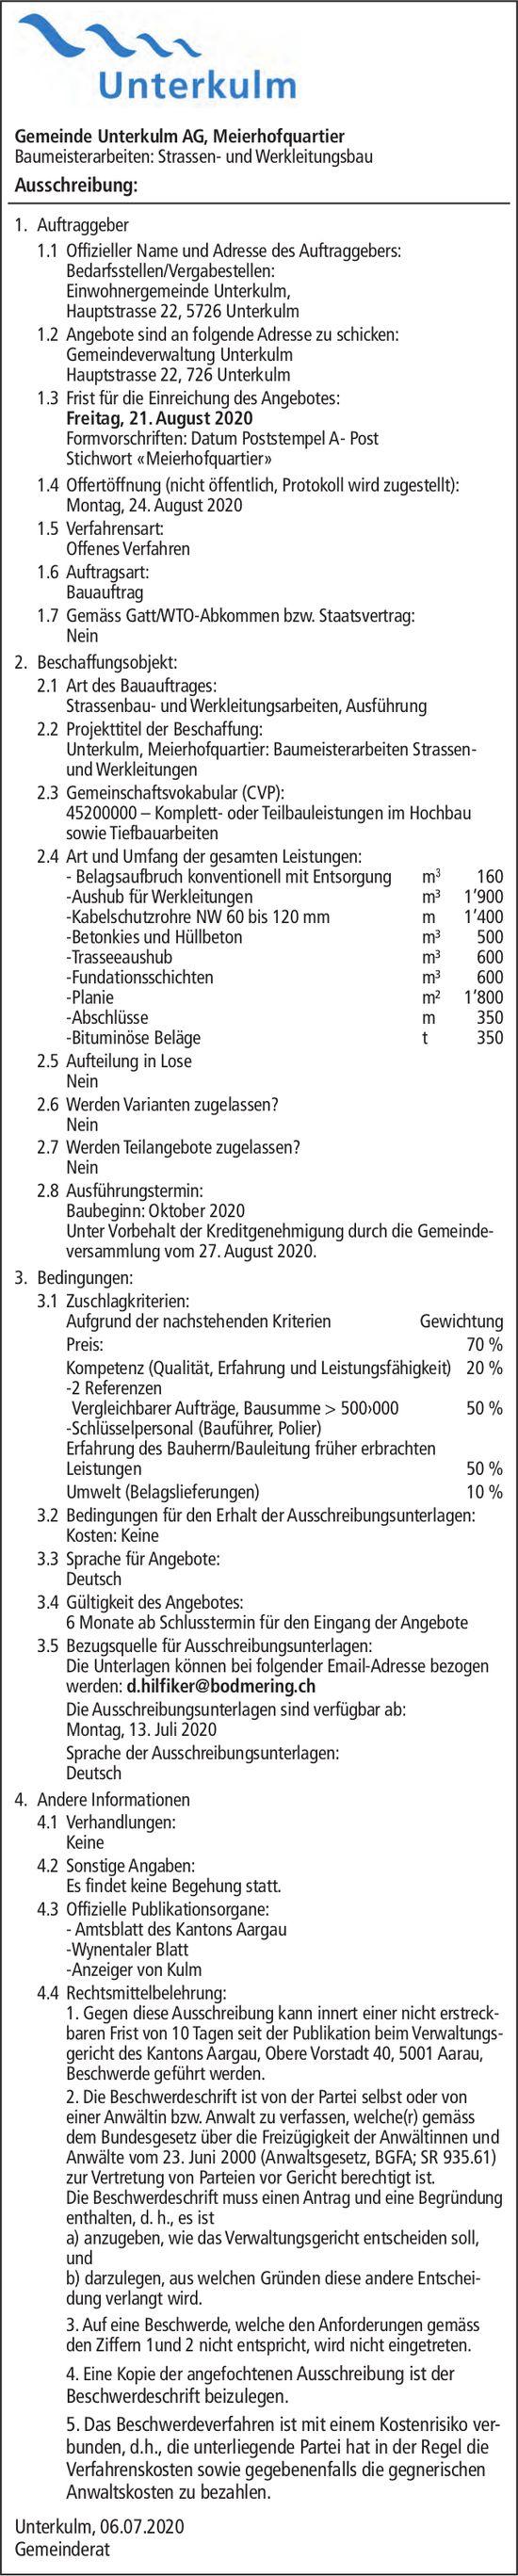 Gemeinde, Unterkulm - Ausschreibung Baumeisterarbeiten,  Strassen- und Werkleitungsbau